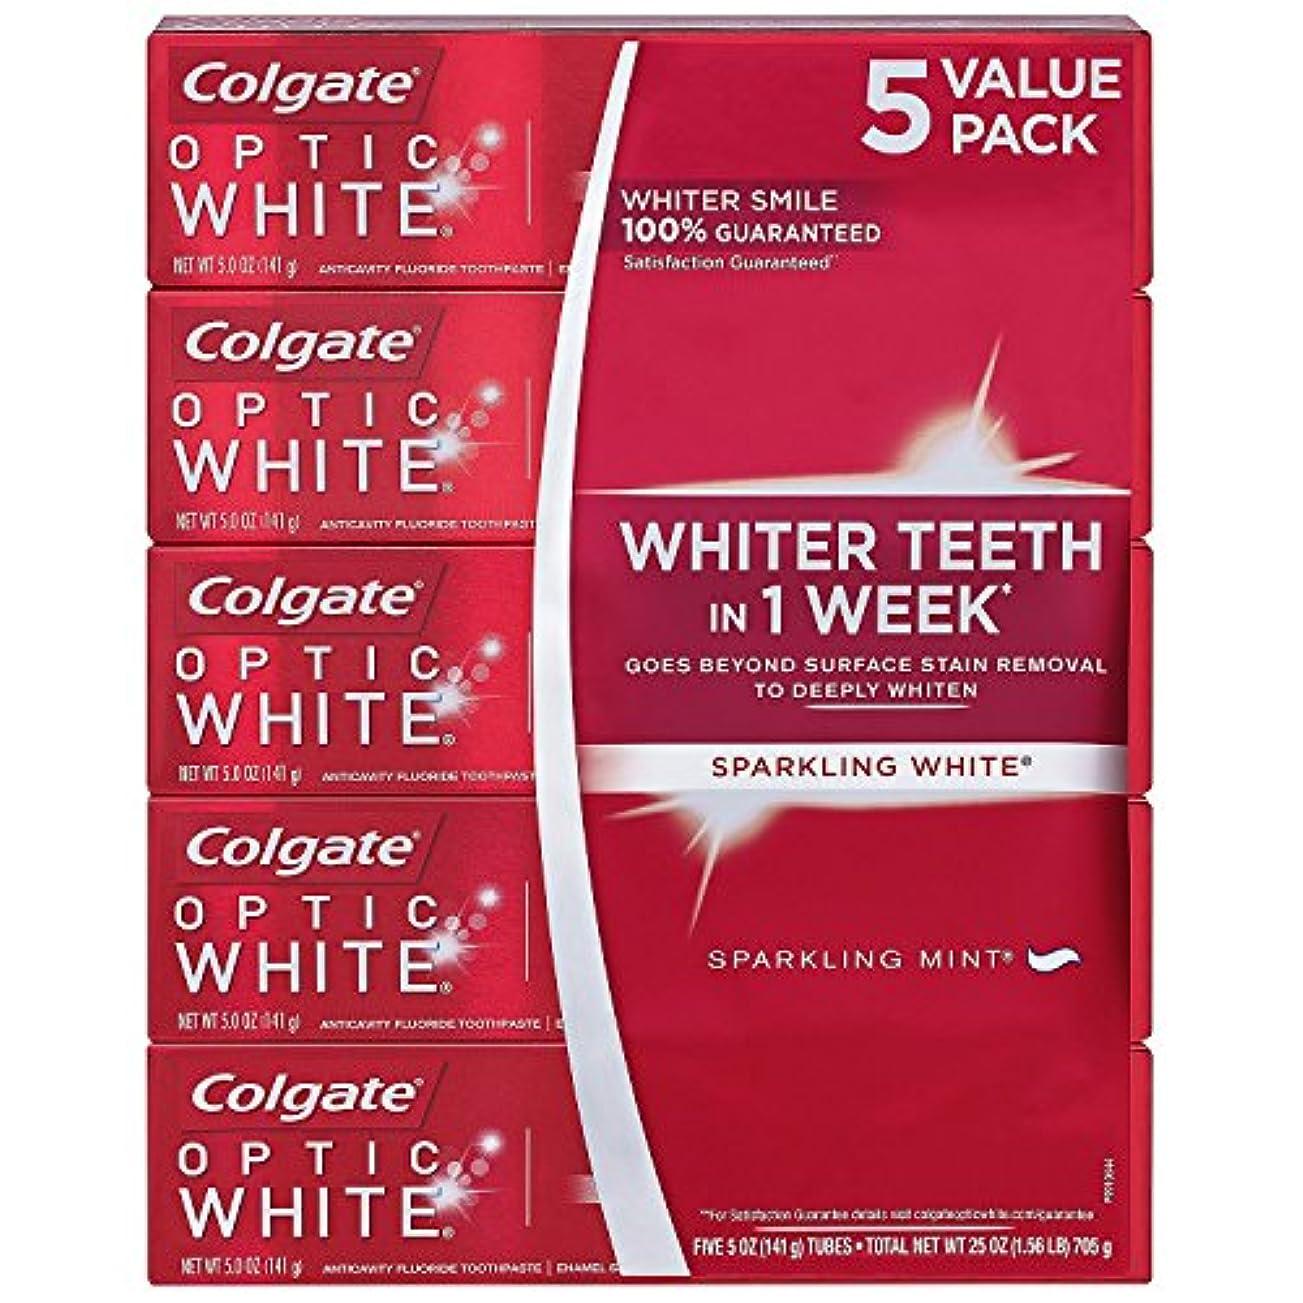 ブラスト弾薬キッチン海外直送品 Colgate Optic White コルゲート オプティック ホワイト スパークリングミント141g ×5本 [Pack of 5]